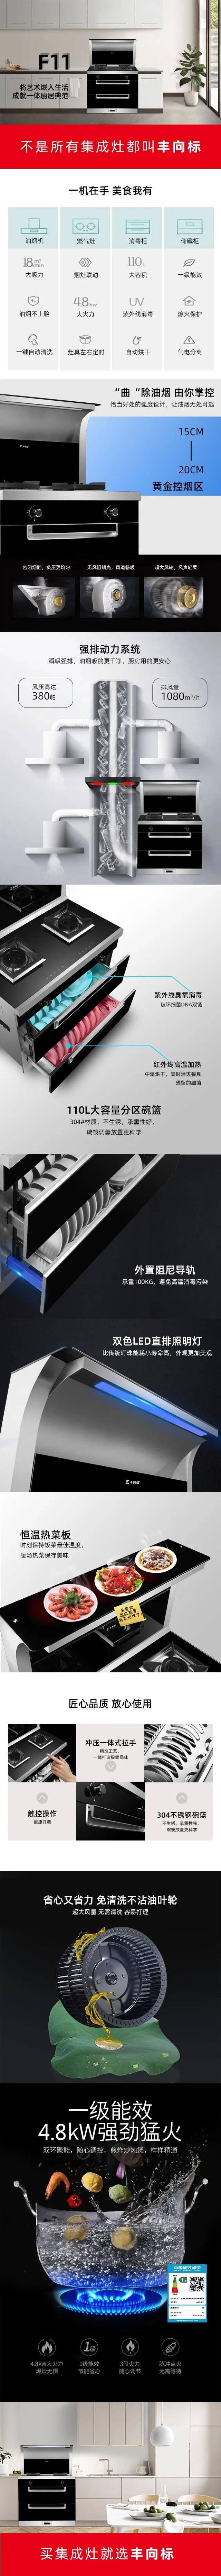 丰向标F11超能款集成灶2020年全新升级_1